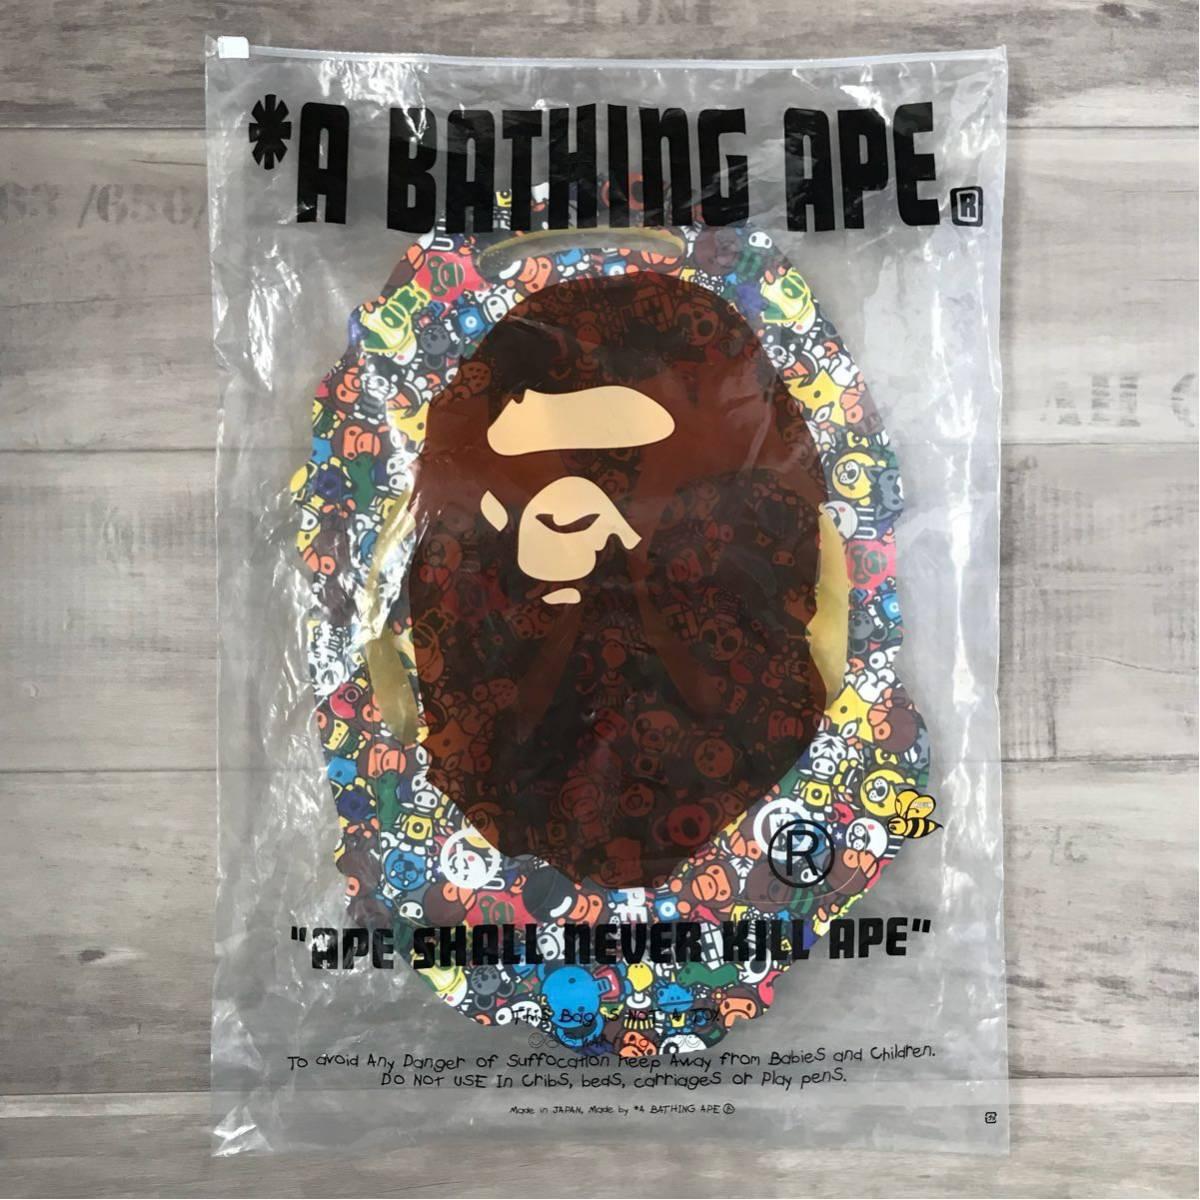 ★新品★ サファリ マイロ ビーチサンダル a bathing ape bape baby milo エイプ ベイプ アベイシングエイプ Sandals サンダル Safari